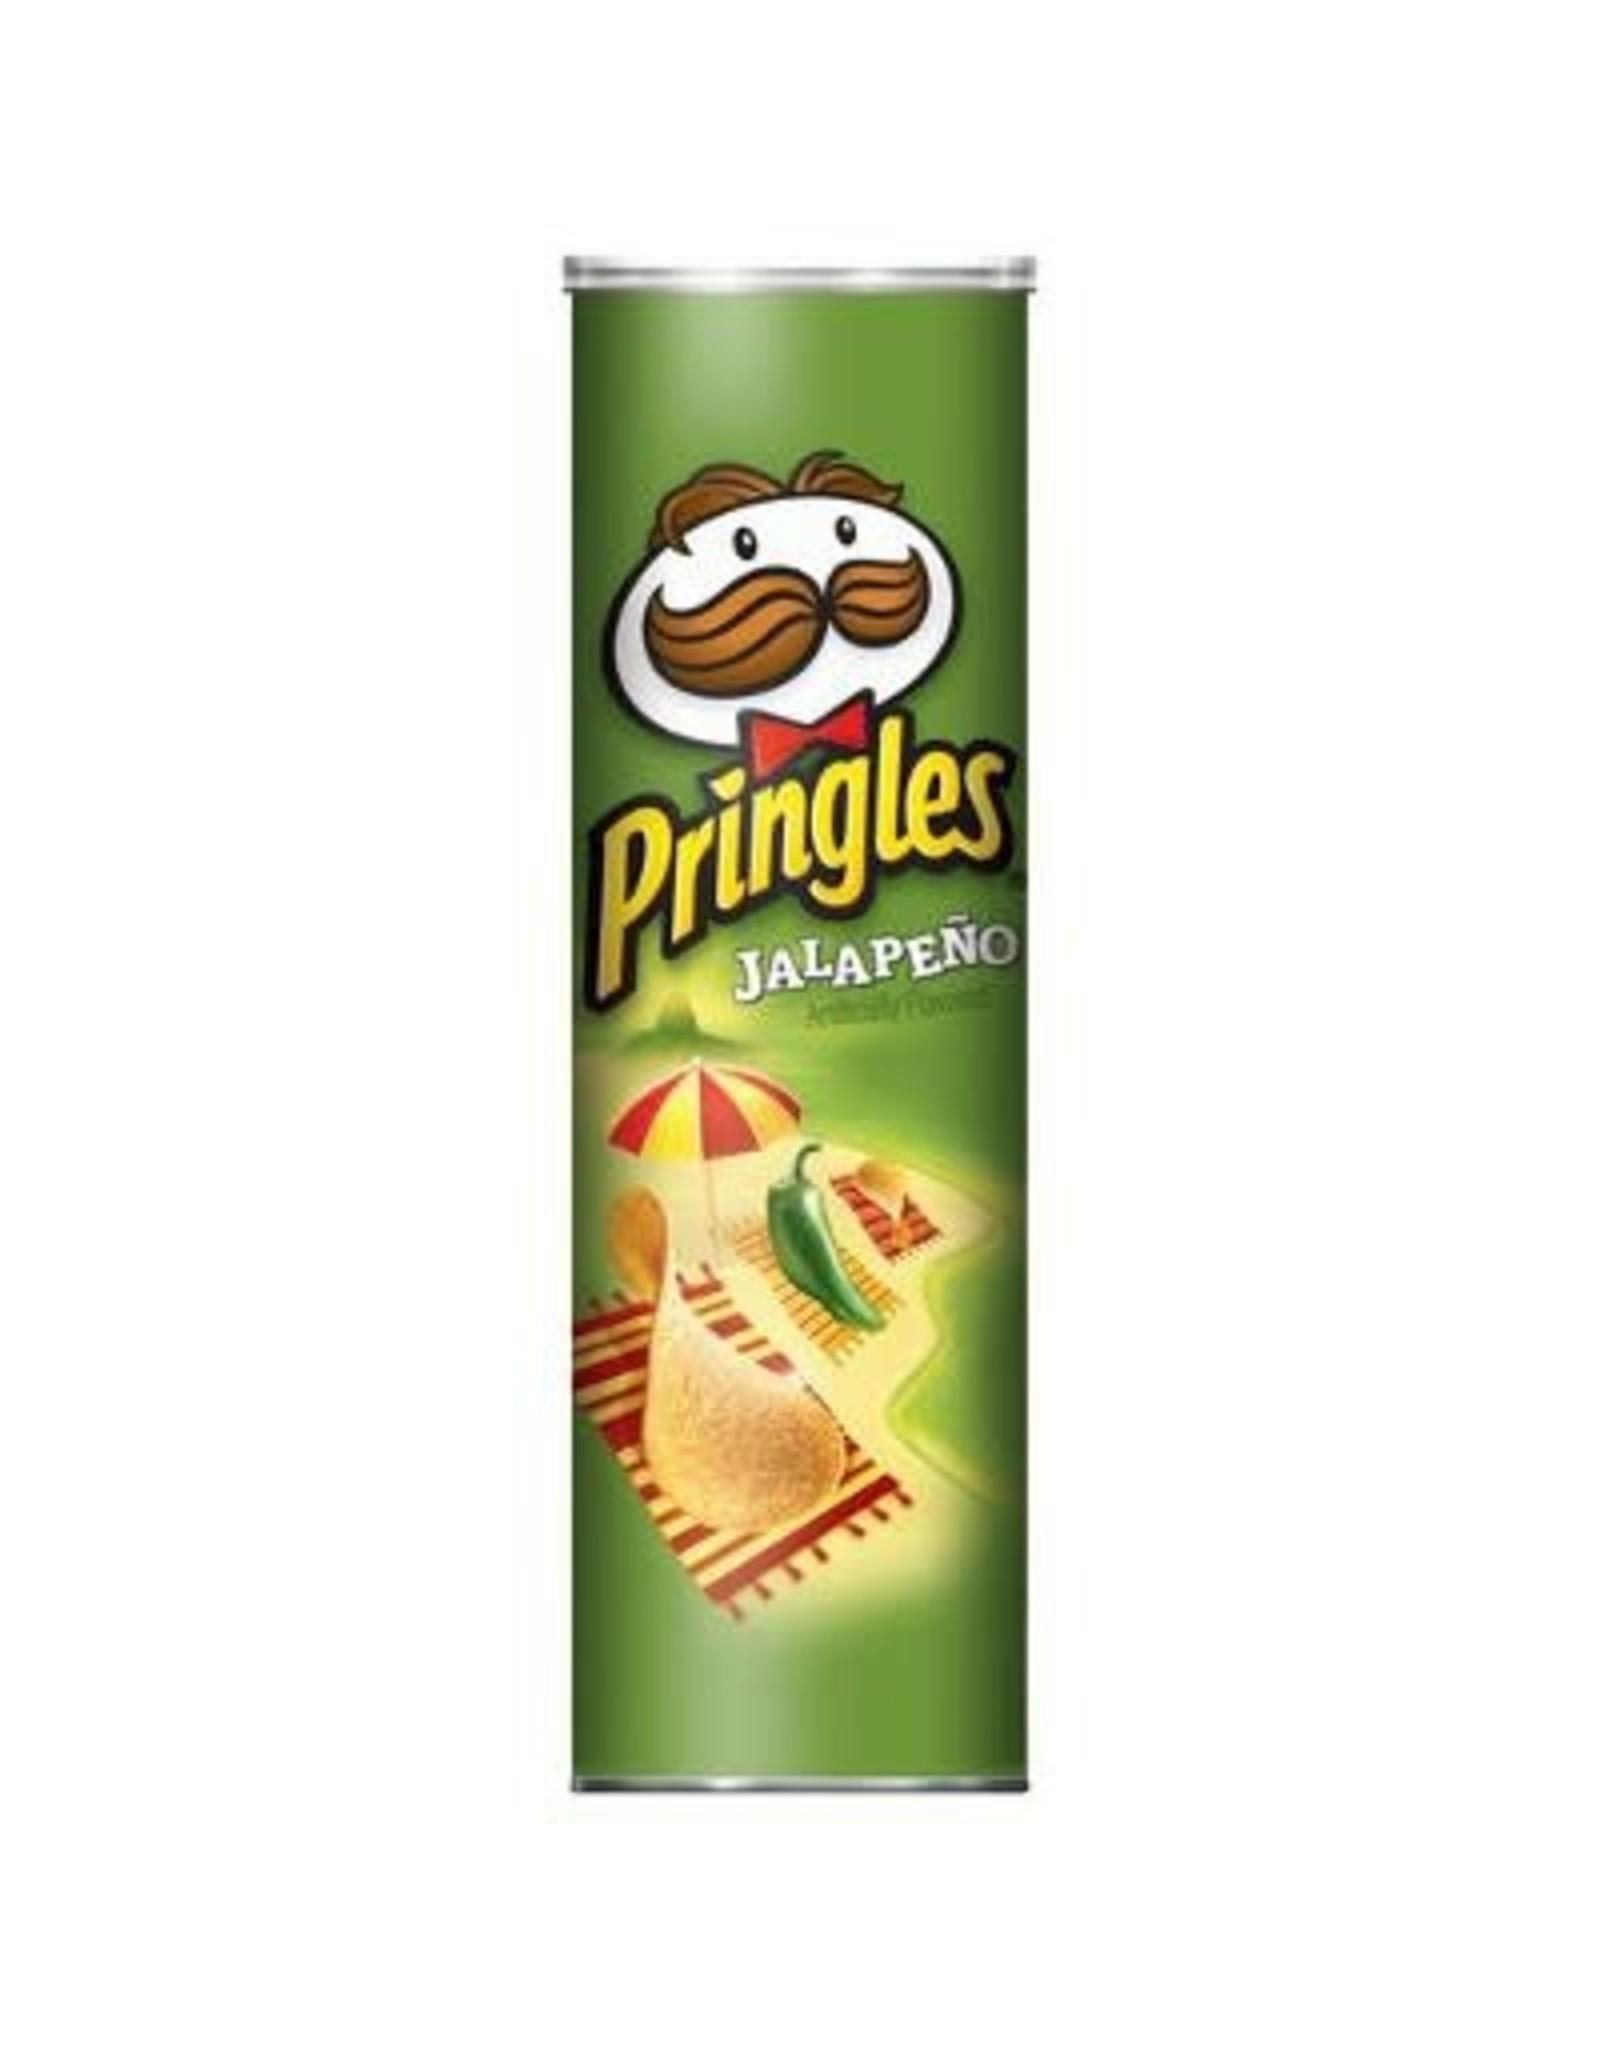 Pringles Jalapeño - 158g